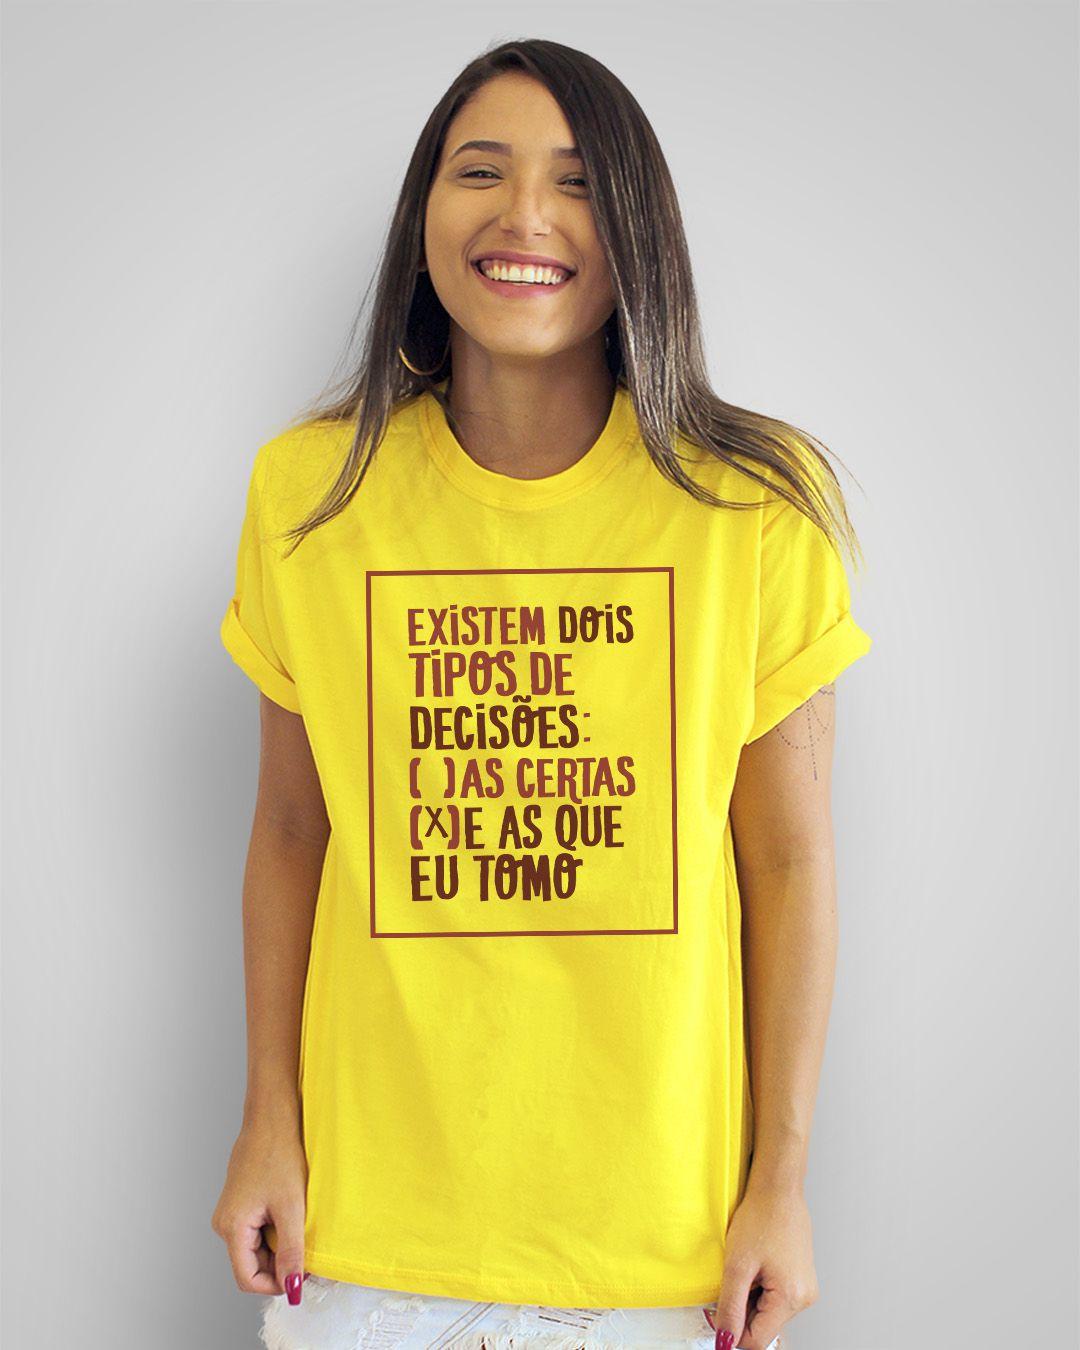 Camiseta Existem dois tipos de decisões: as certas e as que eu tomo